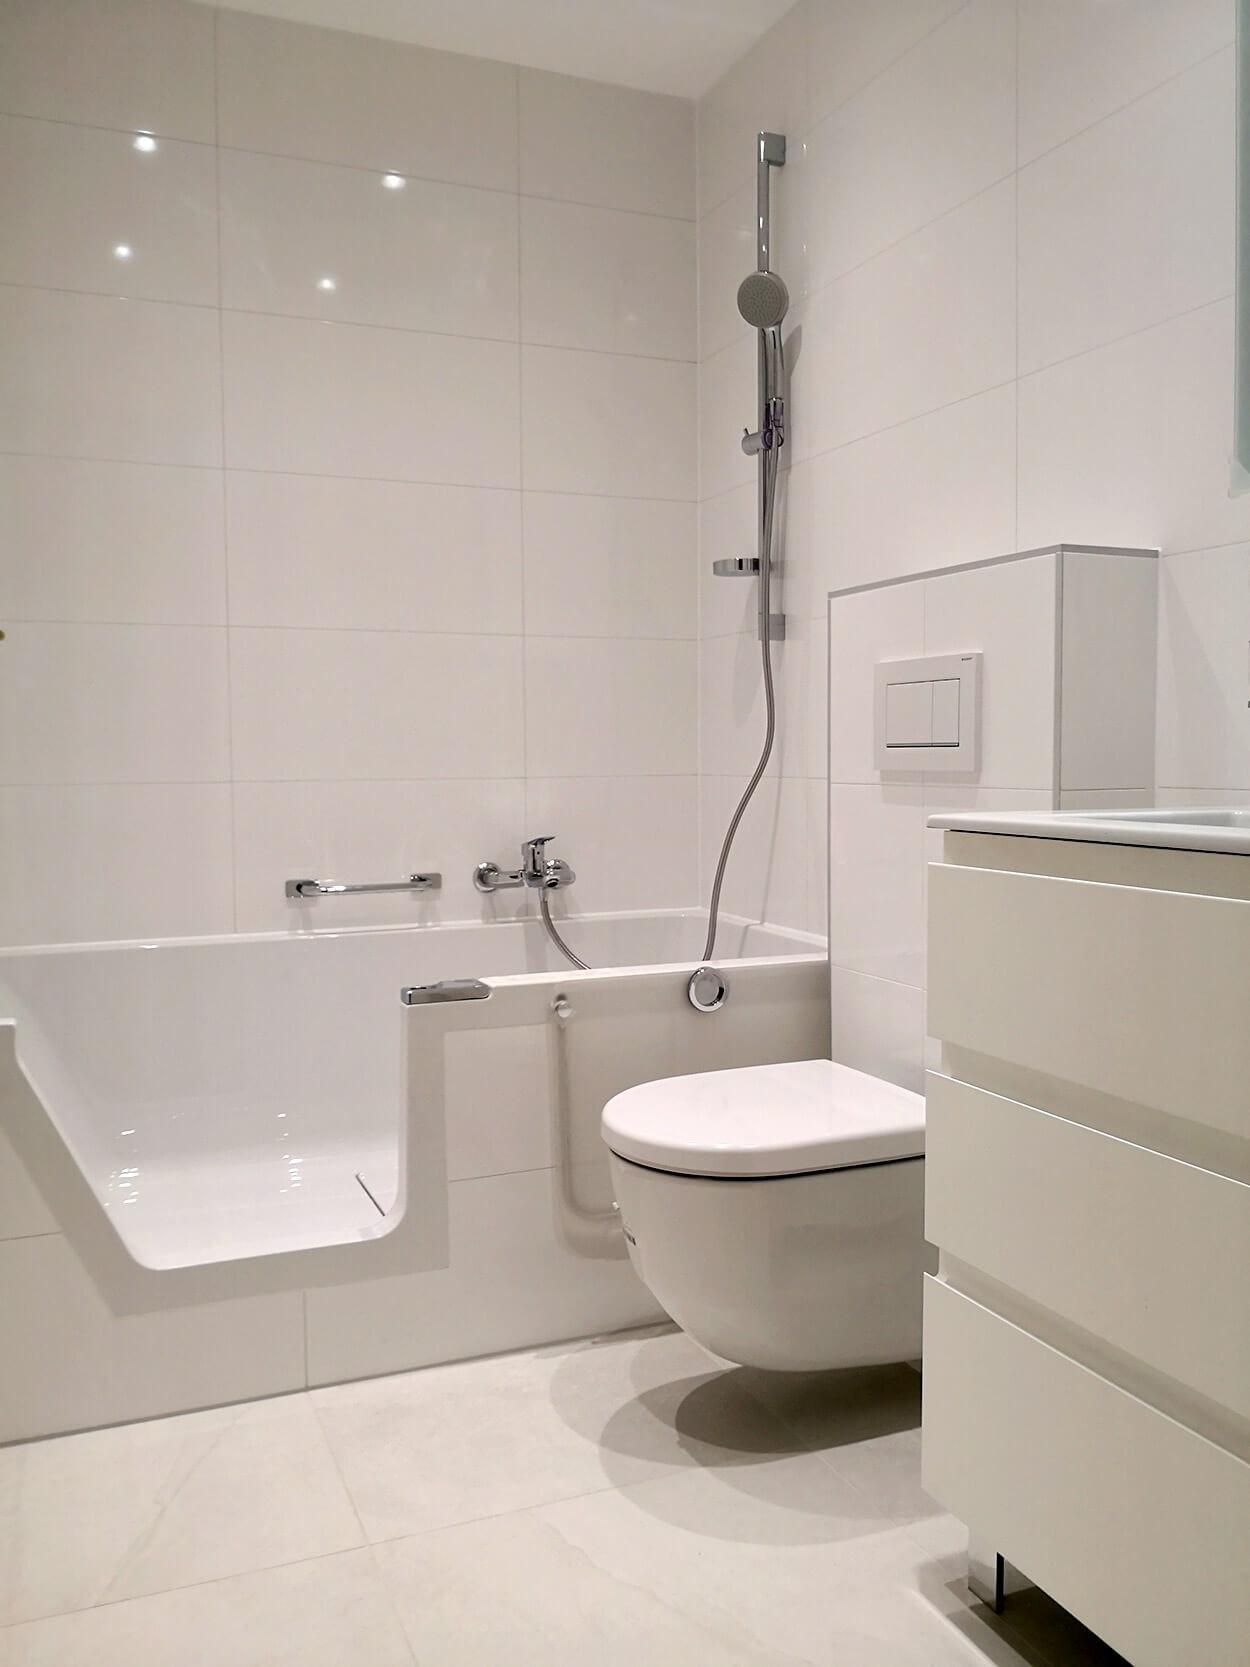 Toilettes   Appartement à Morges  BM Sanitaire